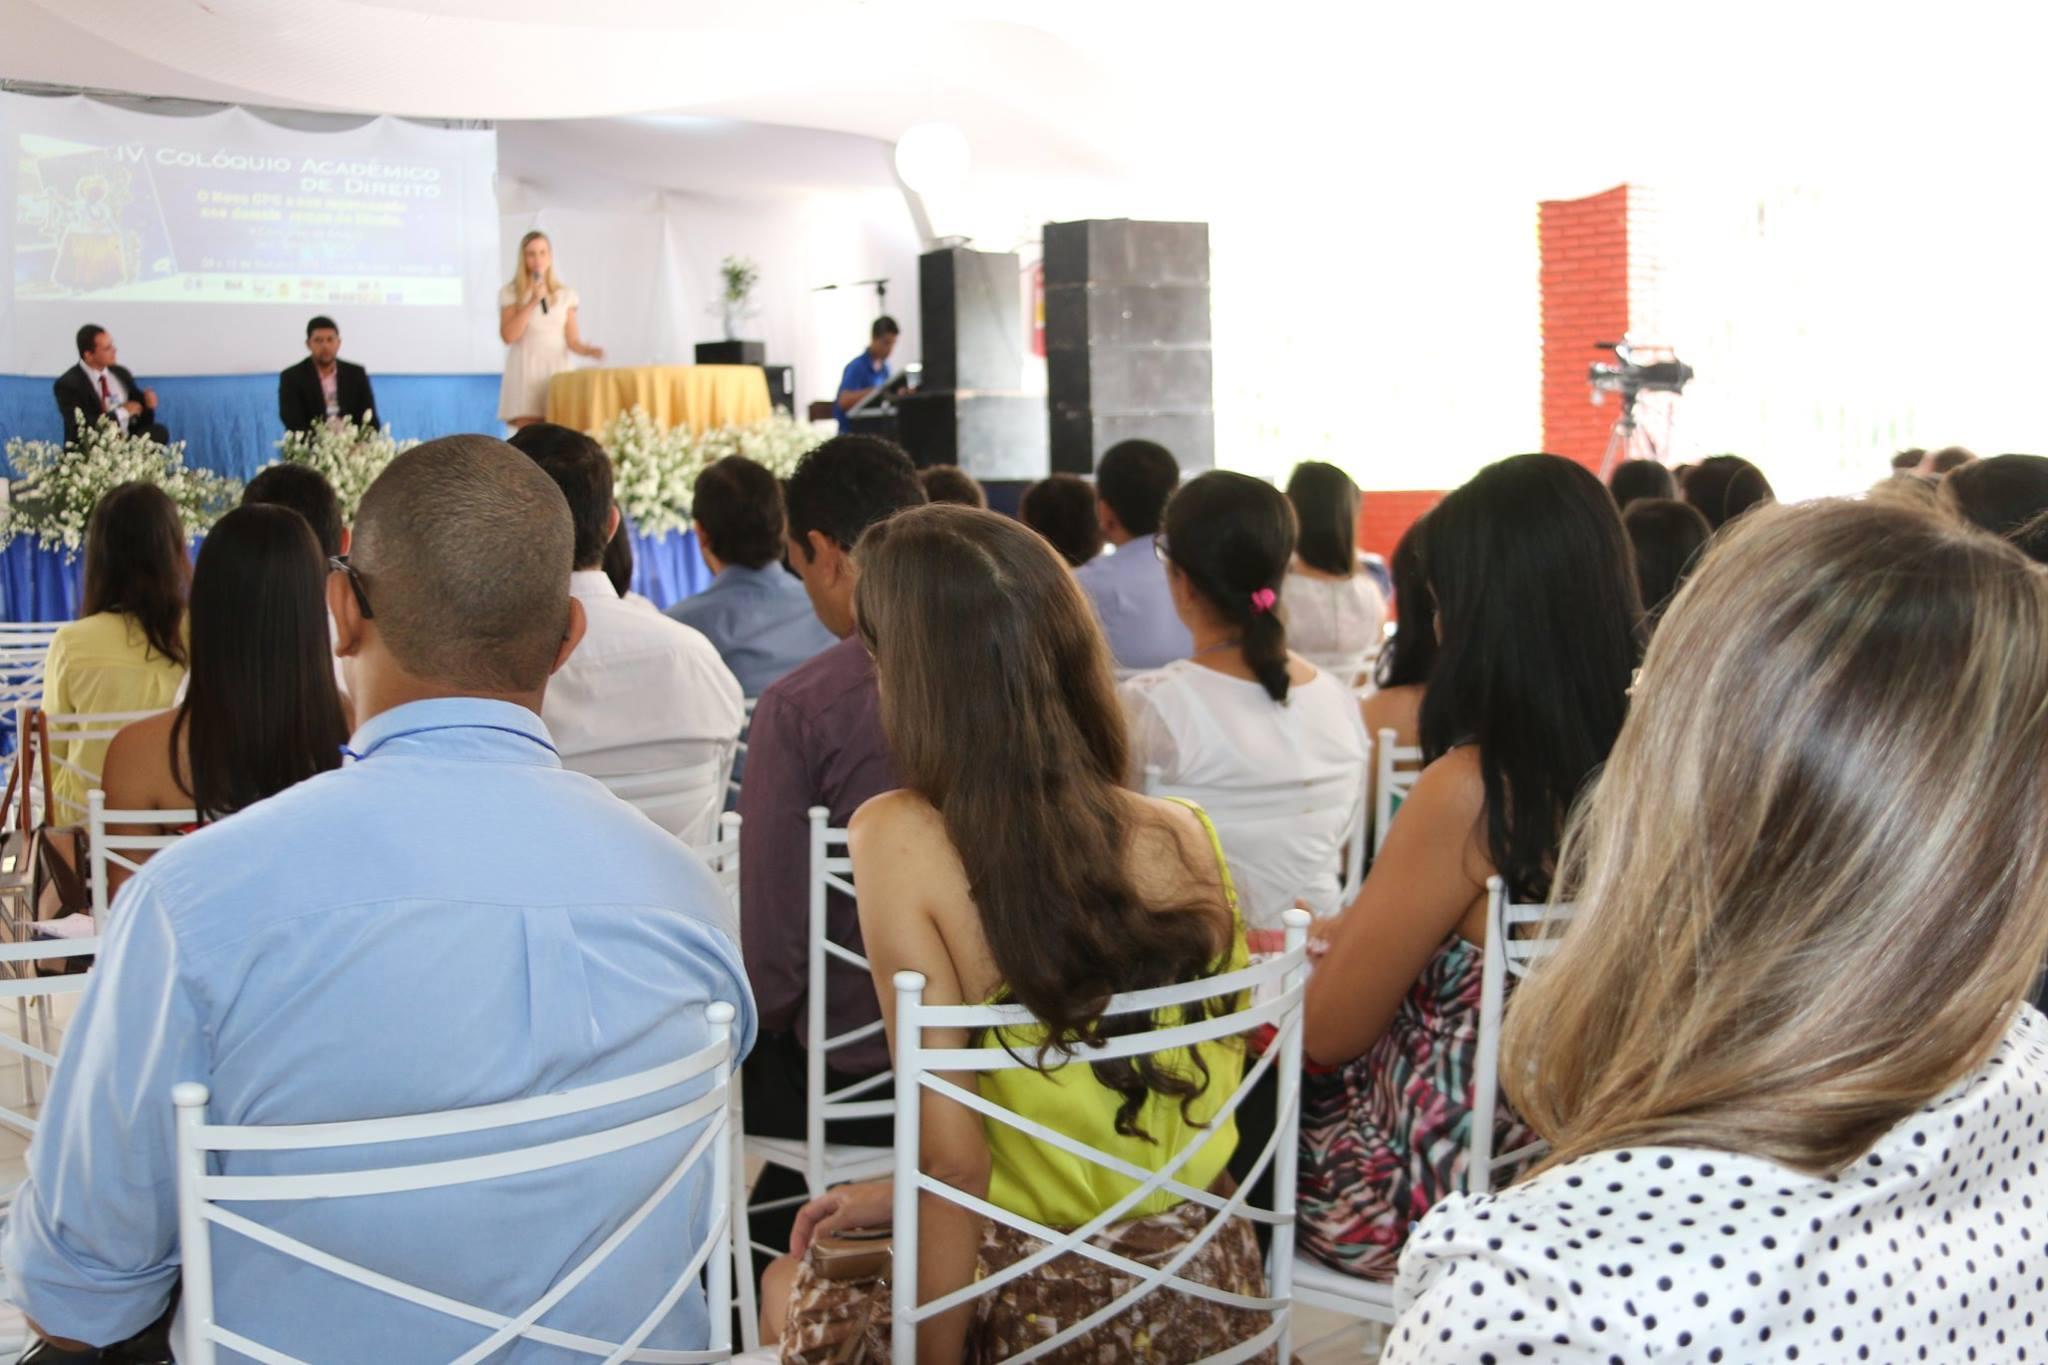 O evento foi realizado em dois dias com a presen�a de diversos palestrantes (Foto: Silvanio V�deos)